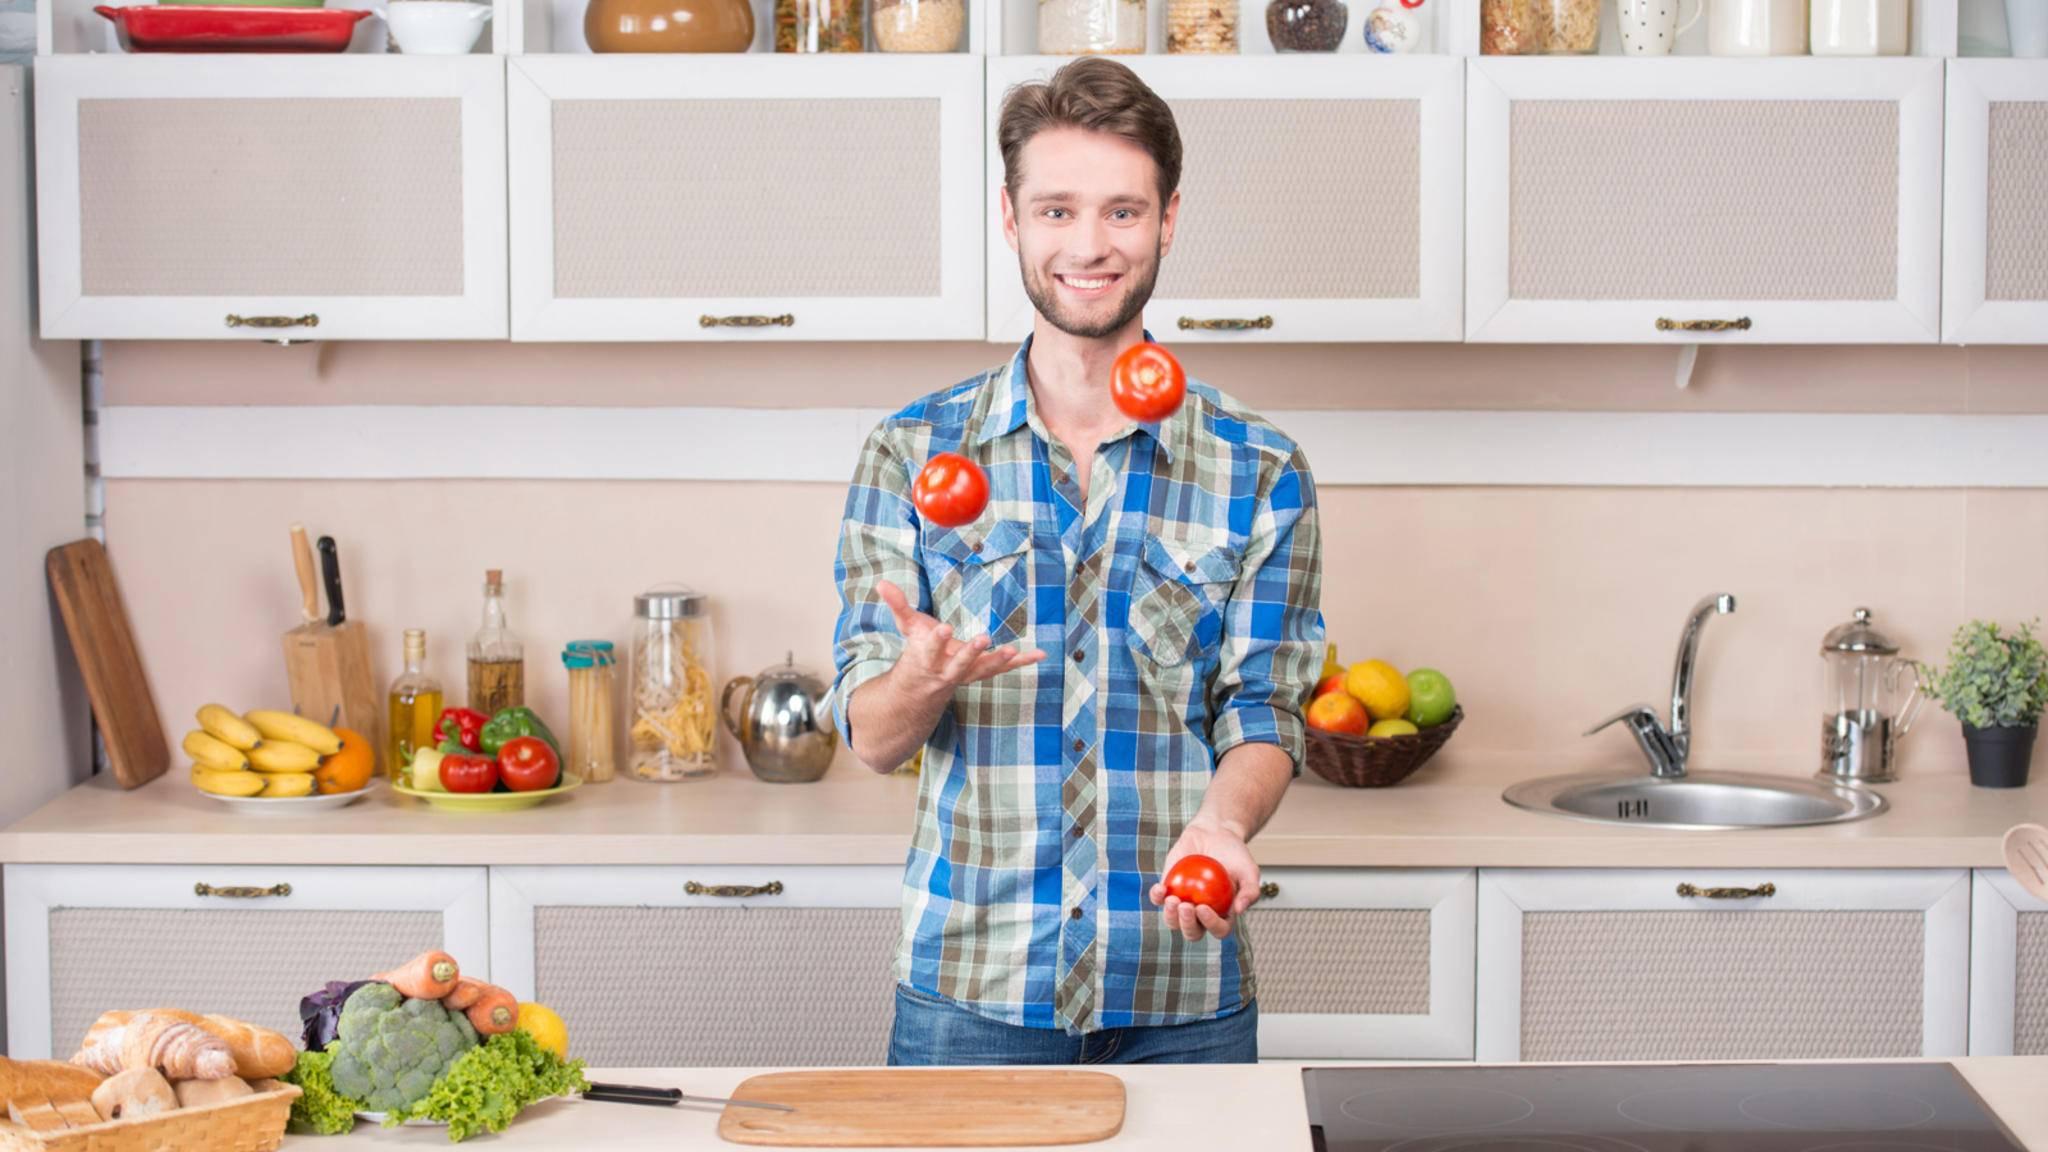 Mit diesen Lifehacks wirst Du im Handumdrehen zum Küchen-Akrobaten!